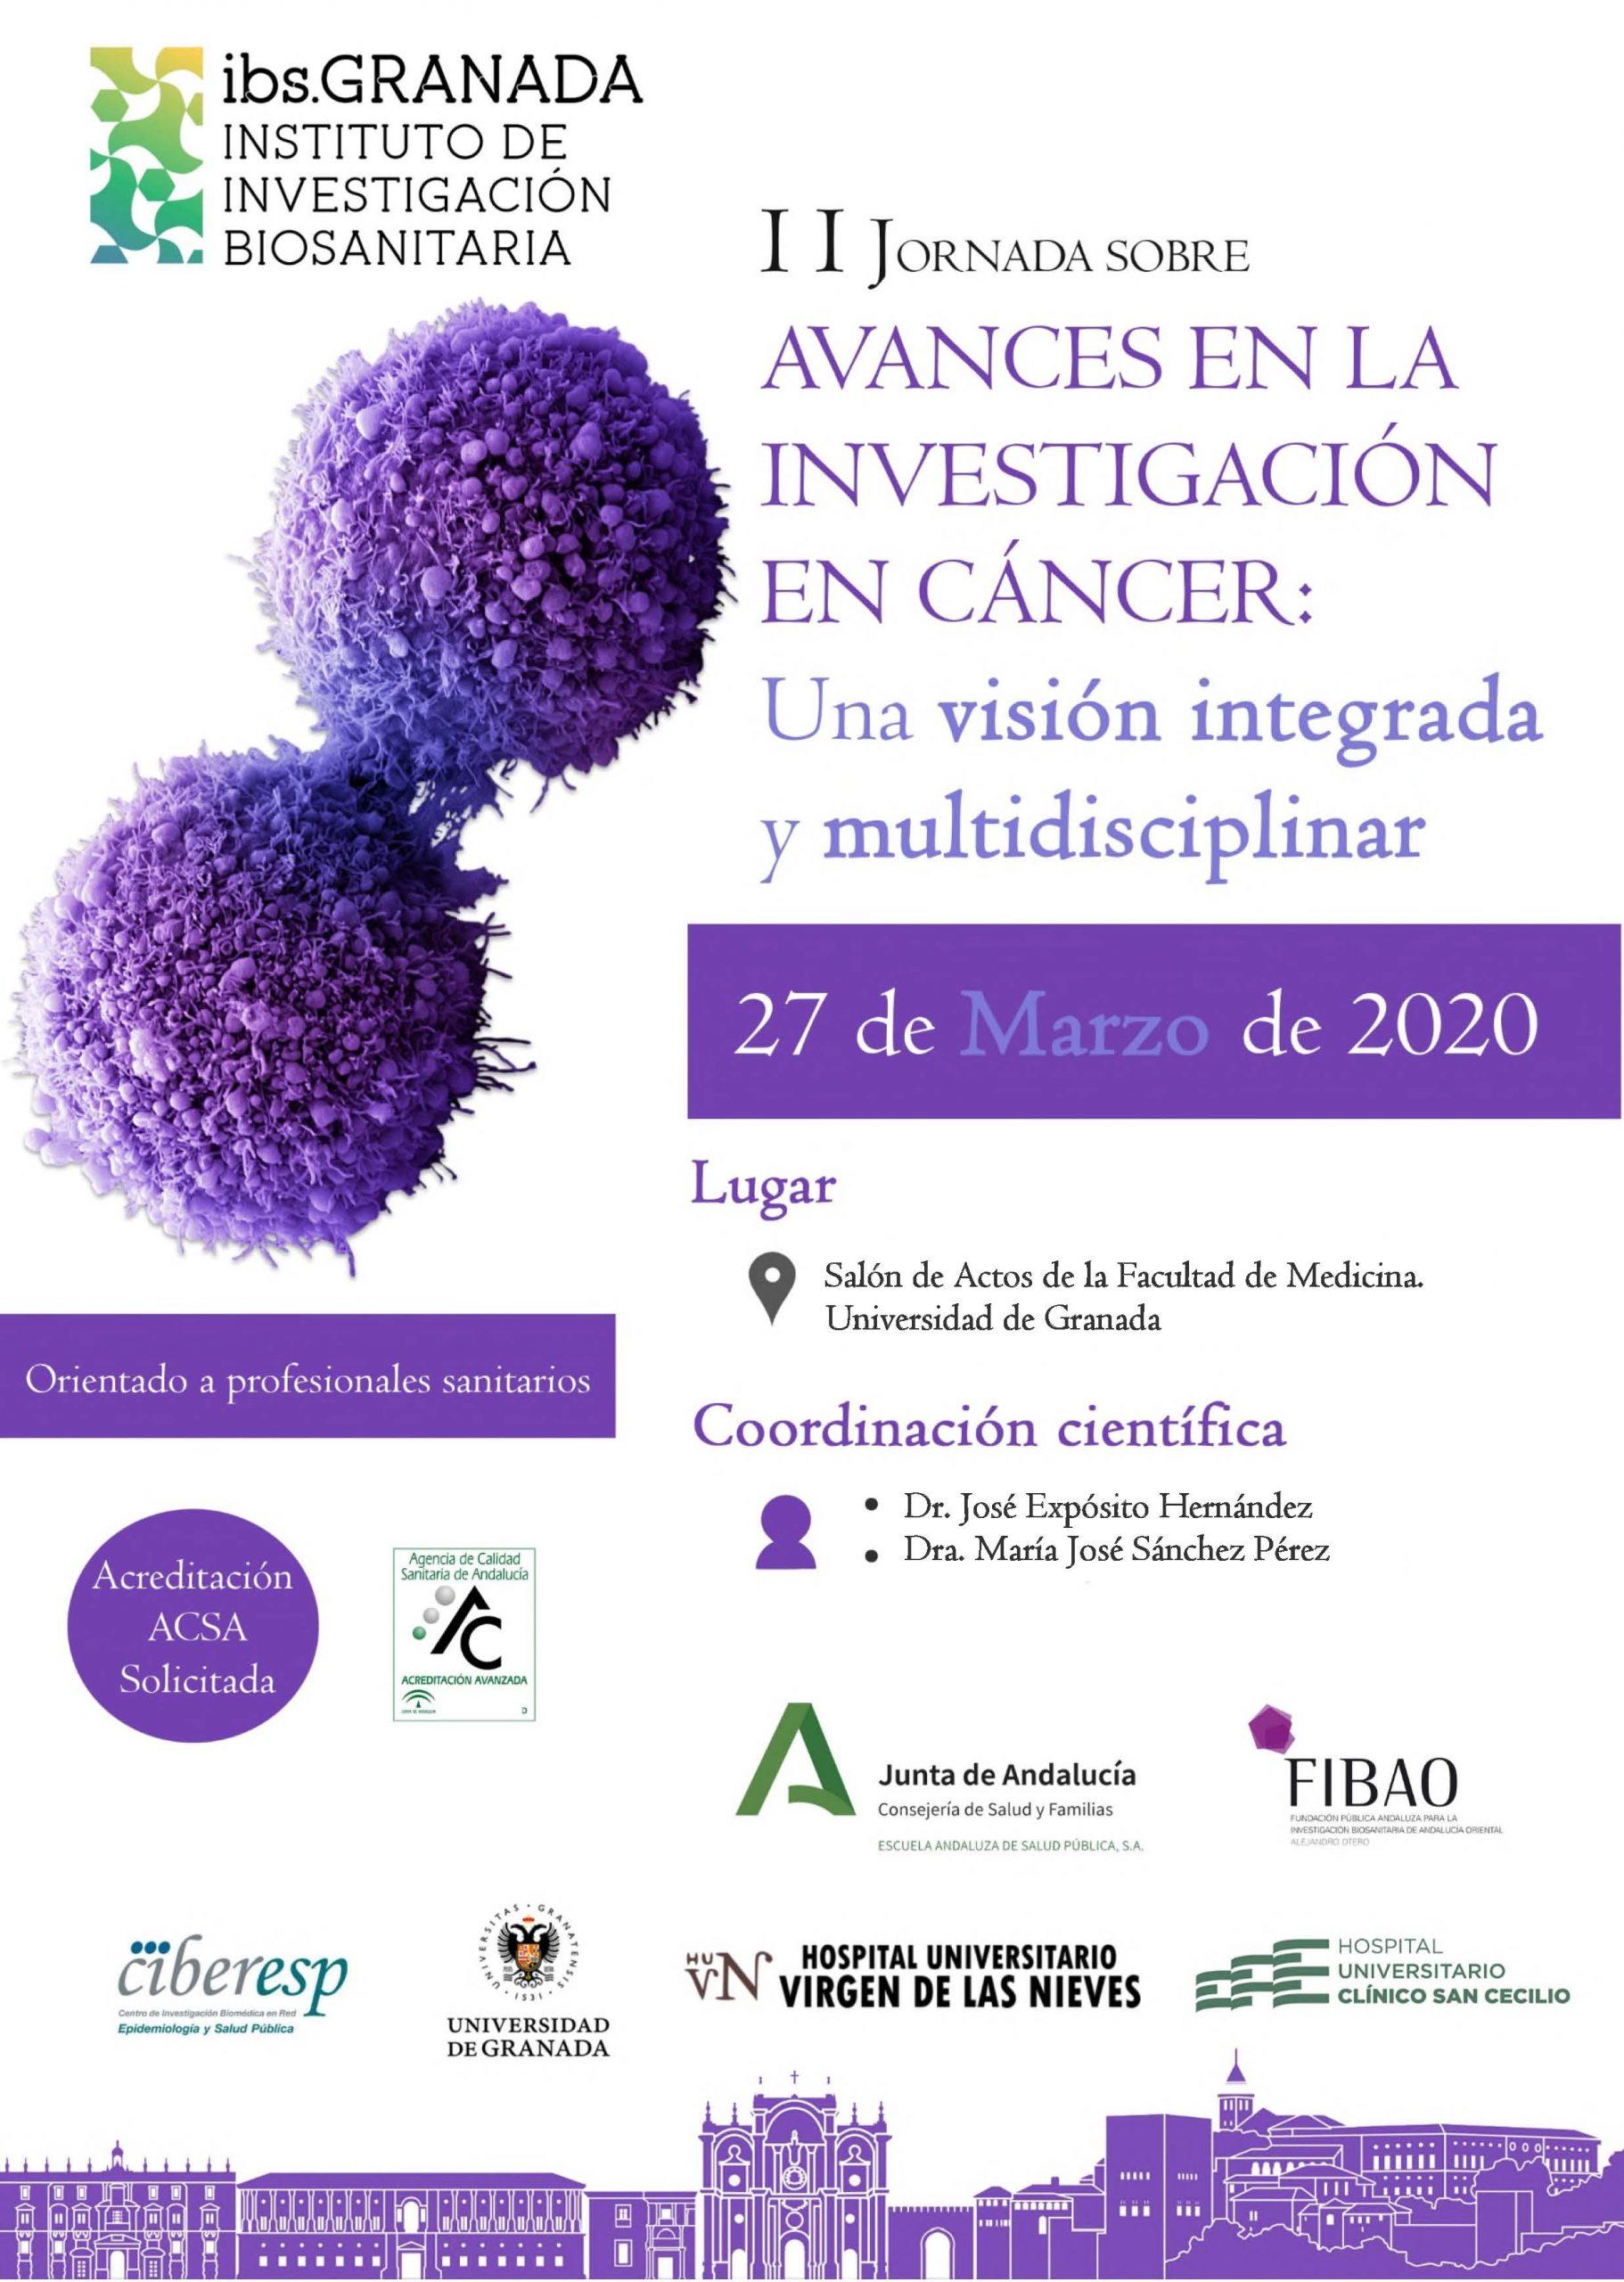 II Jornada Sobre Avances en la Investigación en Cáncer